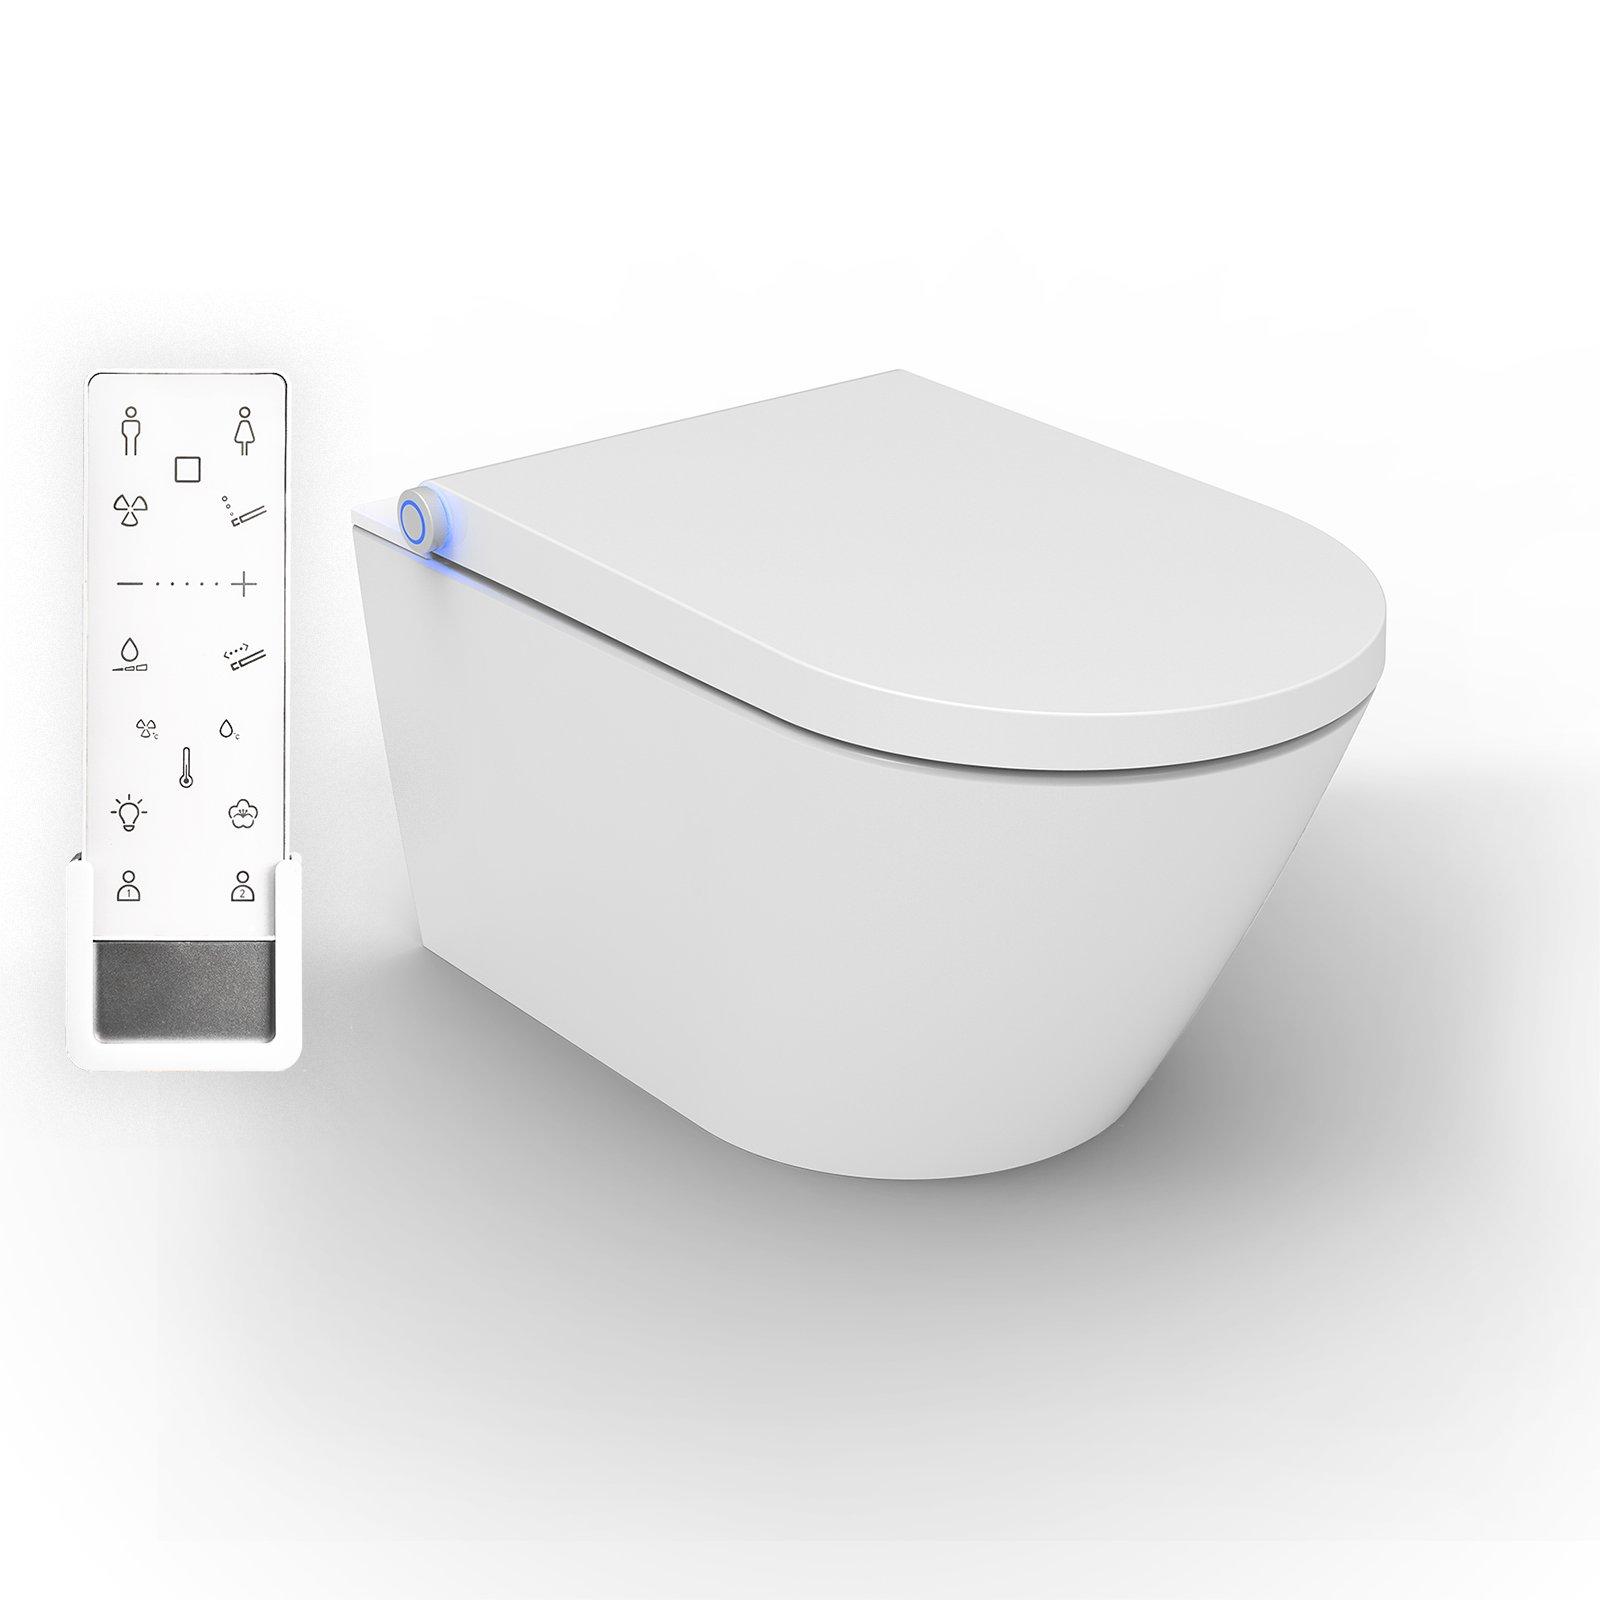 BERNSTEIN DUSCH-WC PRO+ 1102 in Weiß - Spülrandloses Dusch-WC rund - Komplettanlage